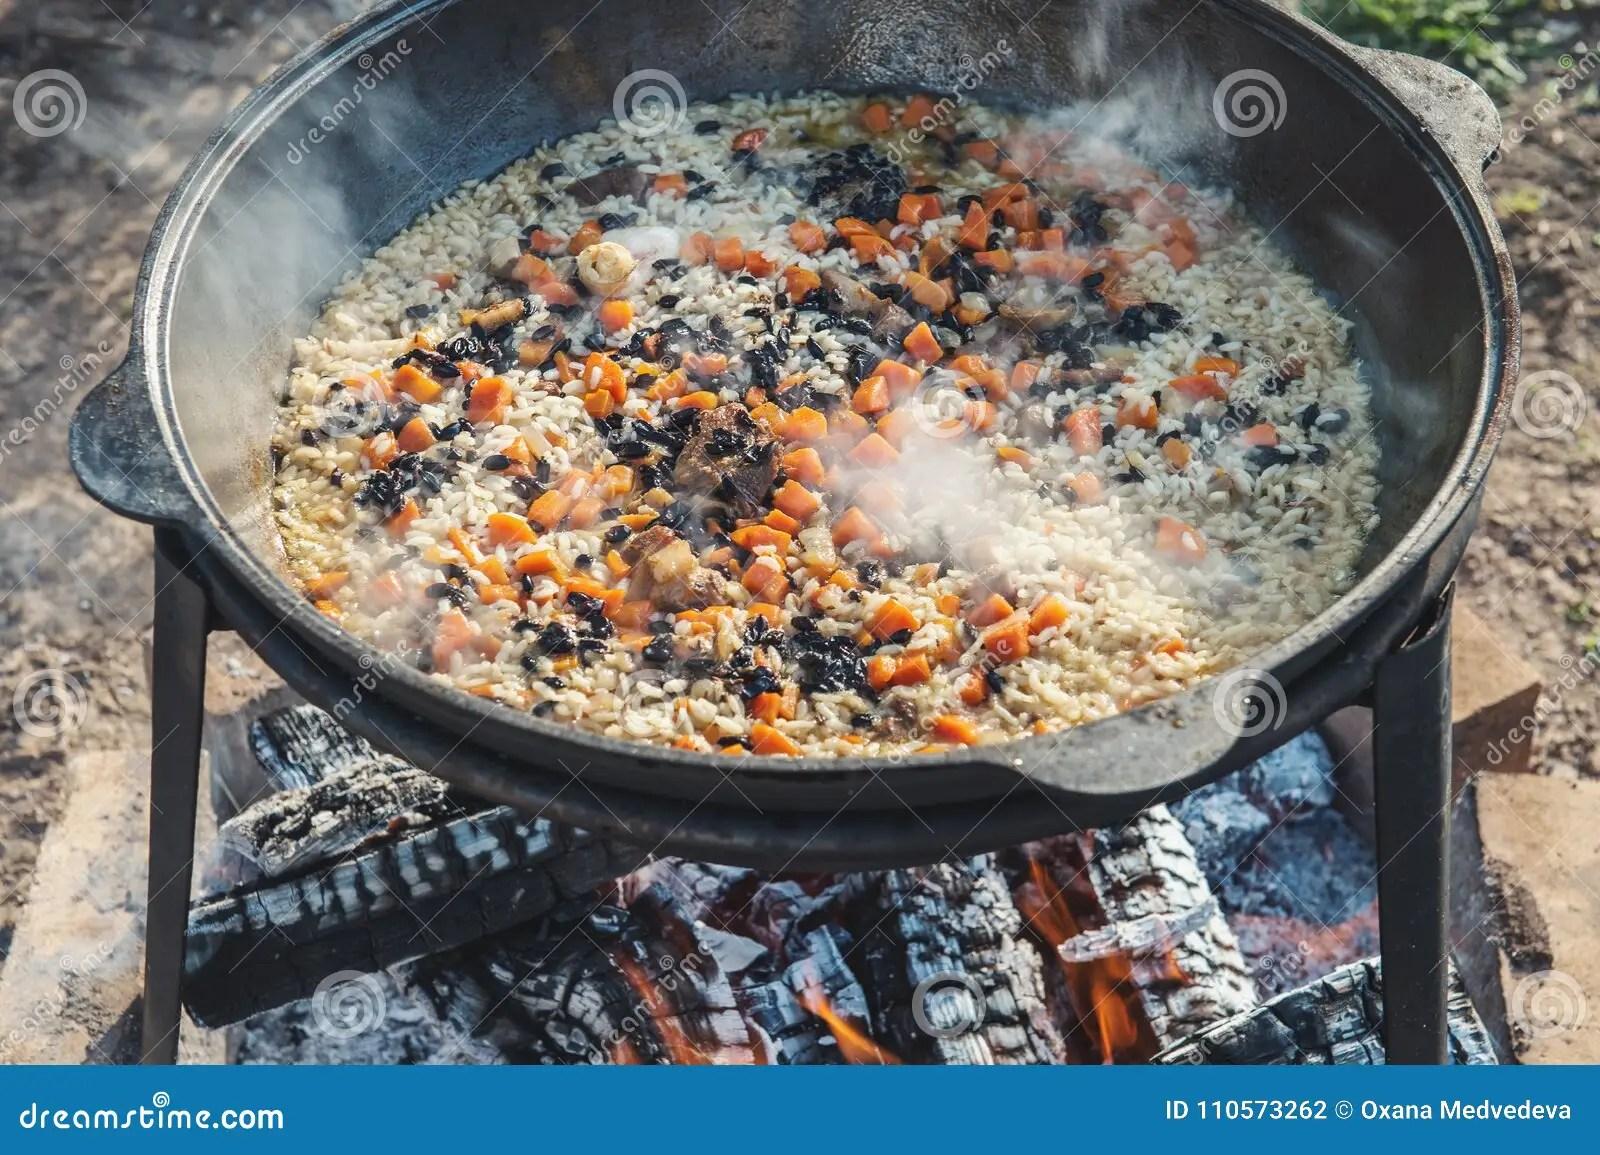 outdoor kitchen frames garbage cans walmart 烹调在一口大大锅的肉饭有一强蒸的在开火户外在一个晴朗的夏日关闭库存 烹调在一口大大锅的肉饭有一强蒸的在开火户外在一个晴朗的夏日一个水平的框架